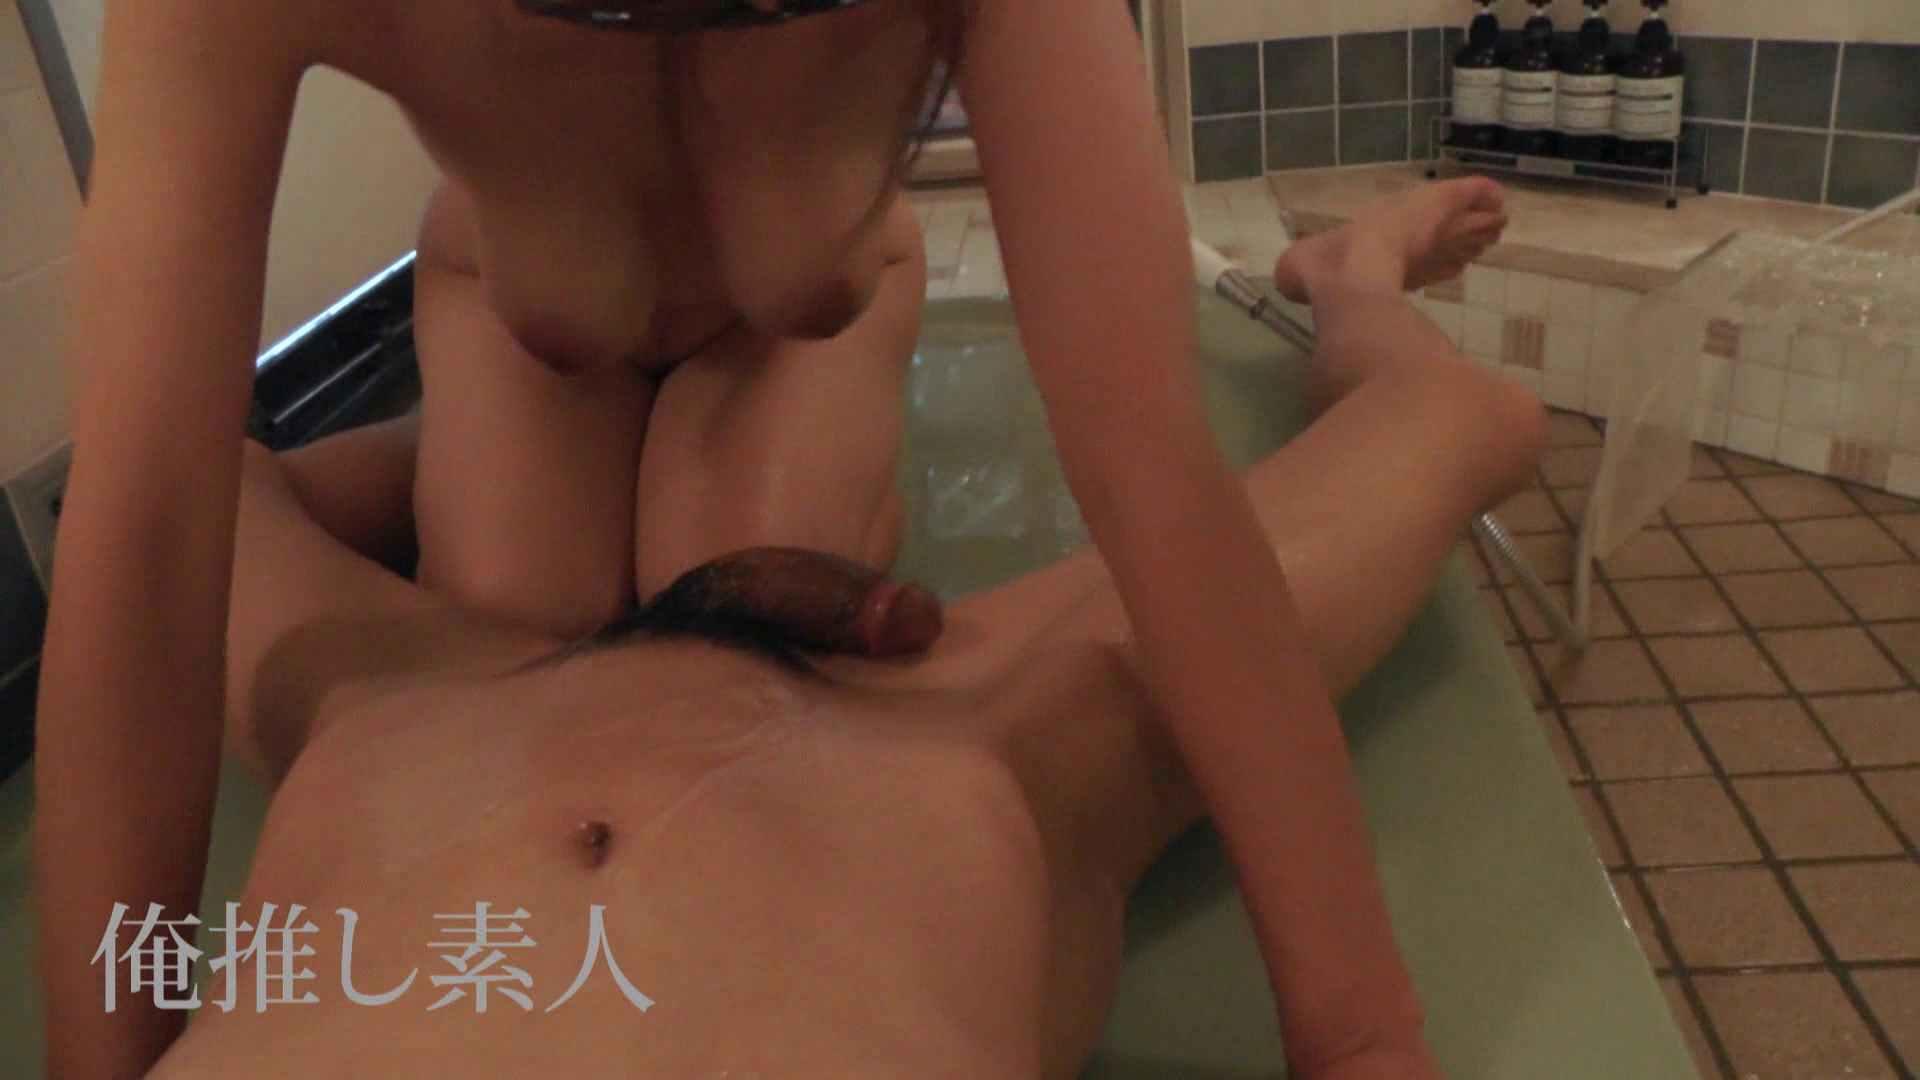 俺推し素人 30代人妻熟女キャバ嬢雫Vol.02 エッチなキャバ嬢   熟女の女体  71pic 39